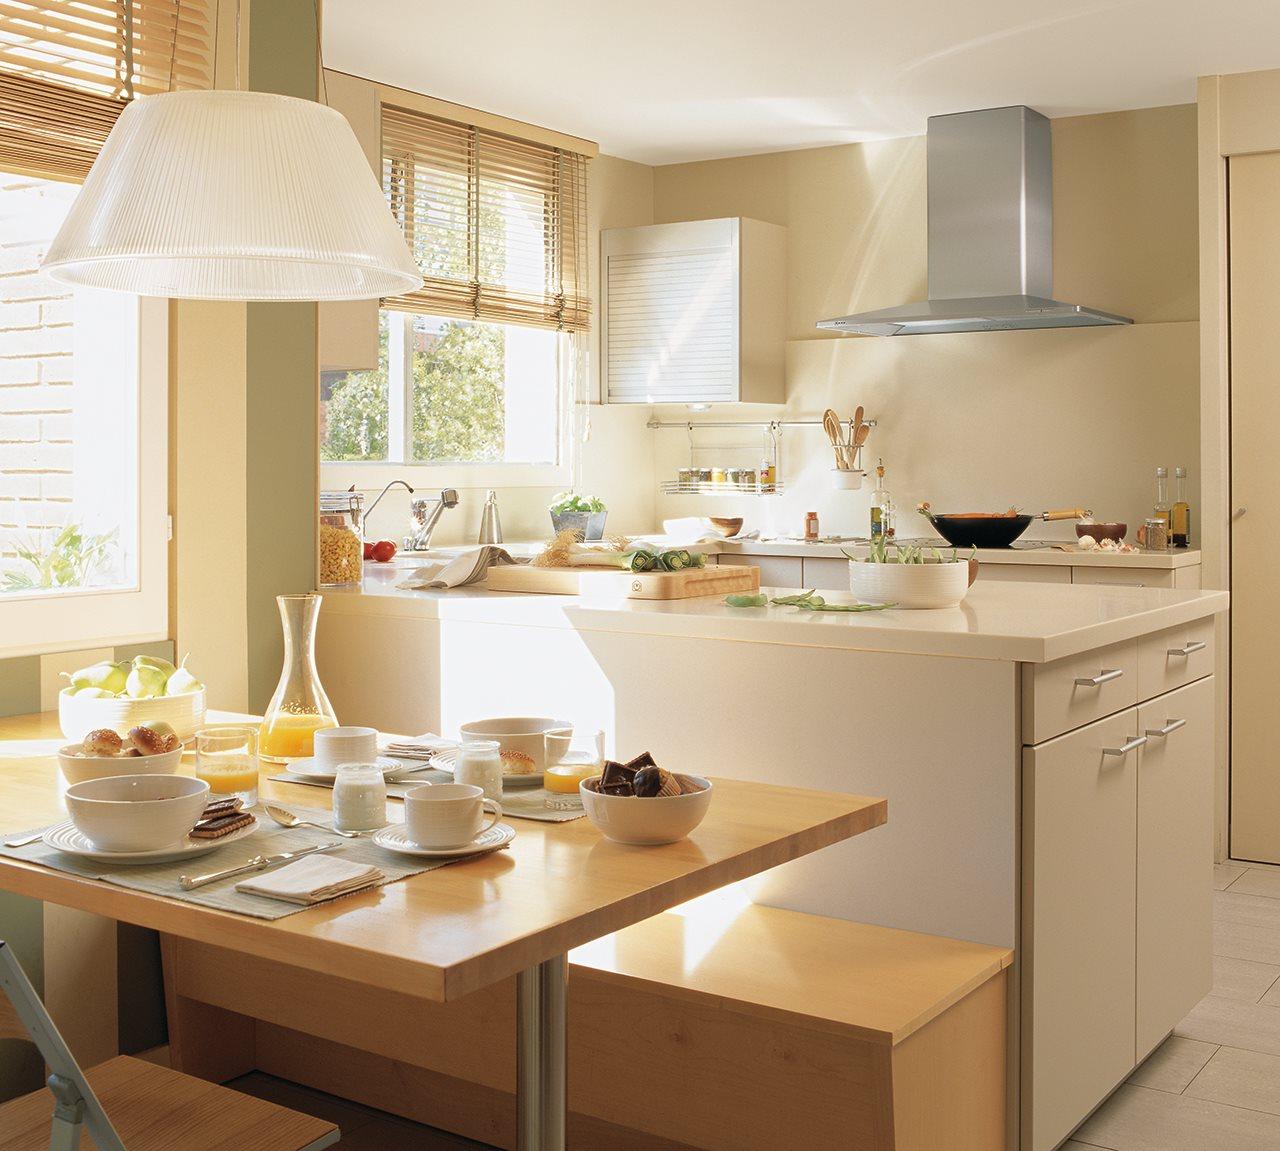 Los 9 mejores dise os de cocinas office - Almacenaje de cocina ...